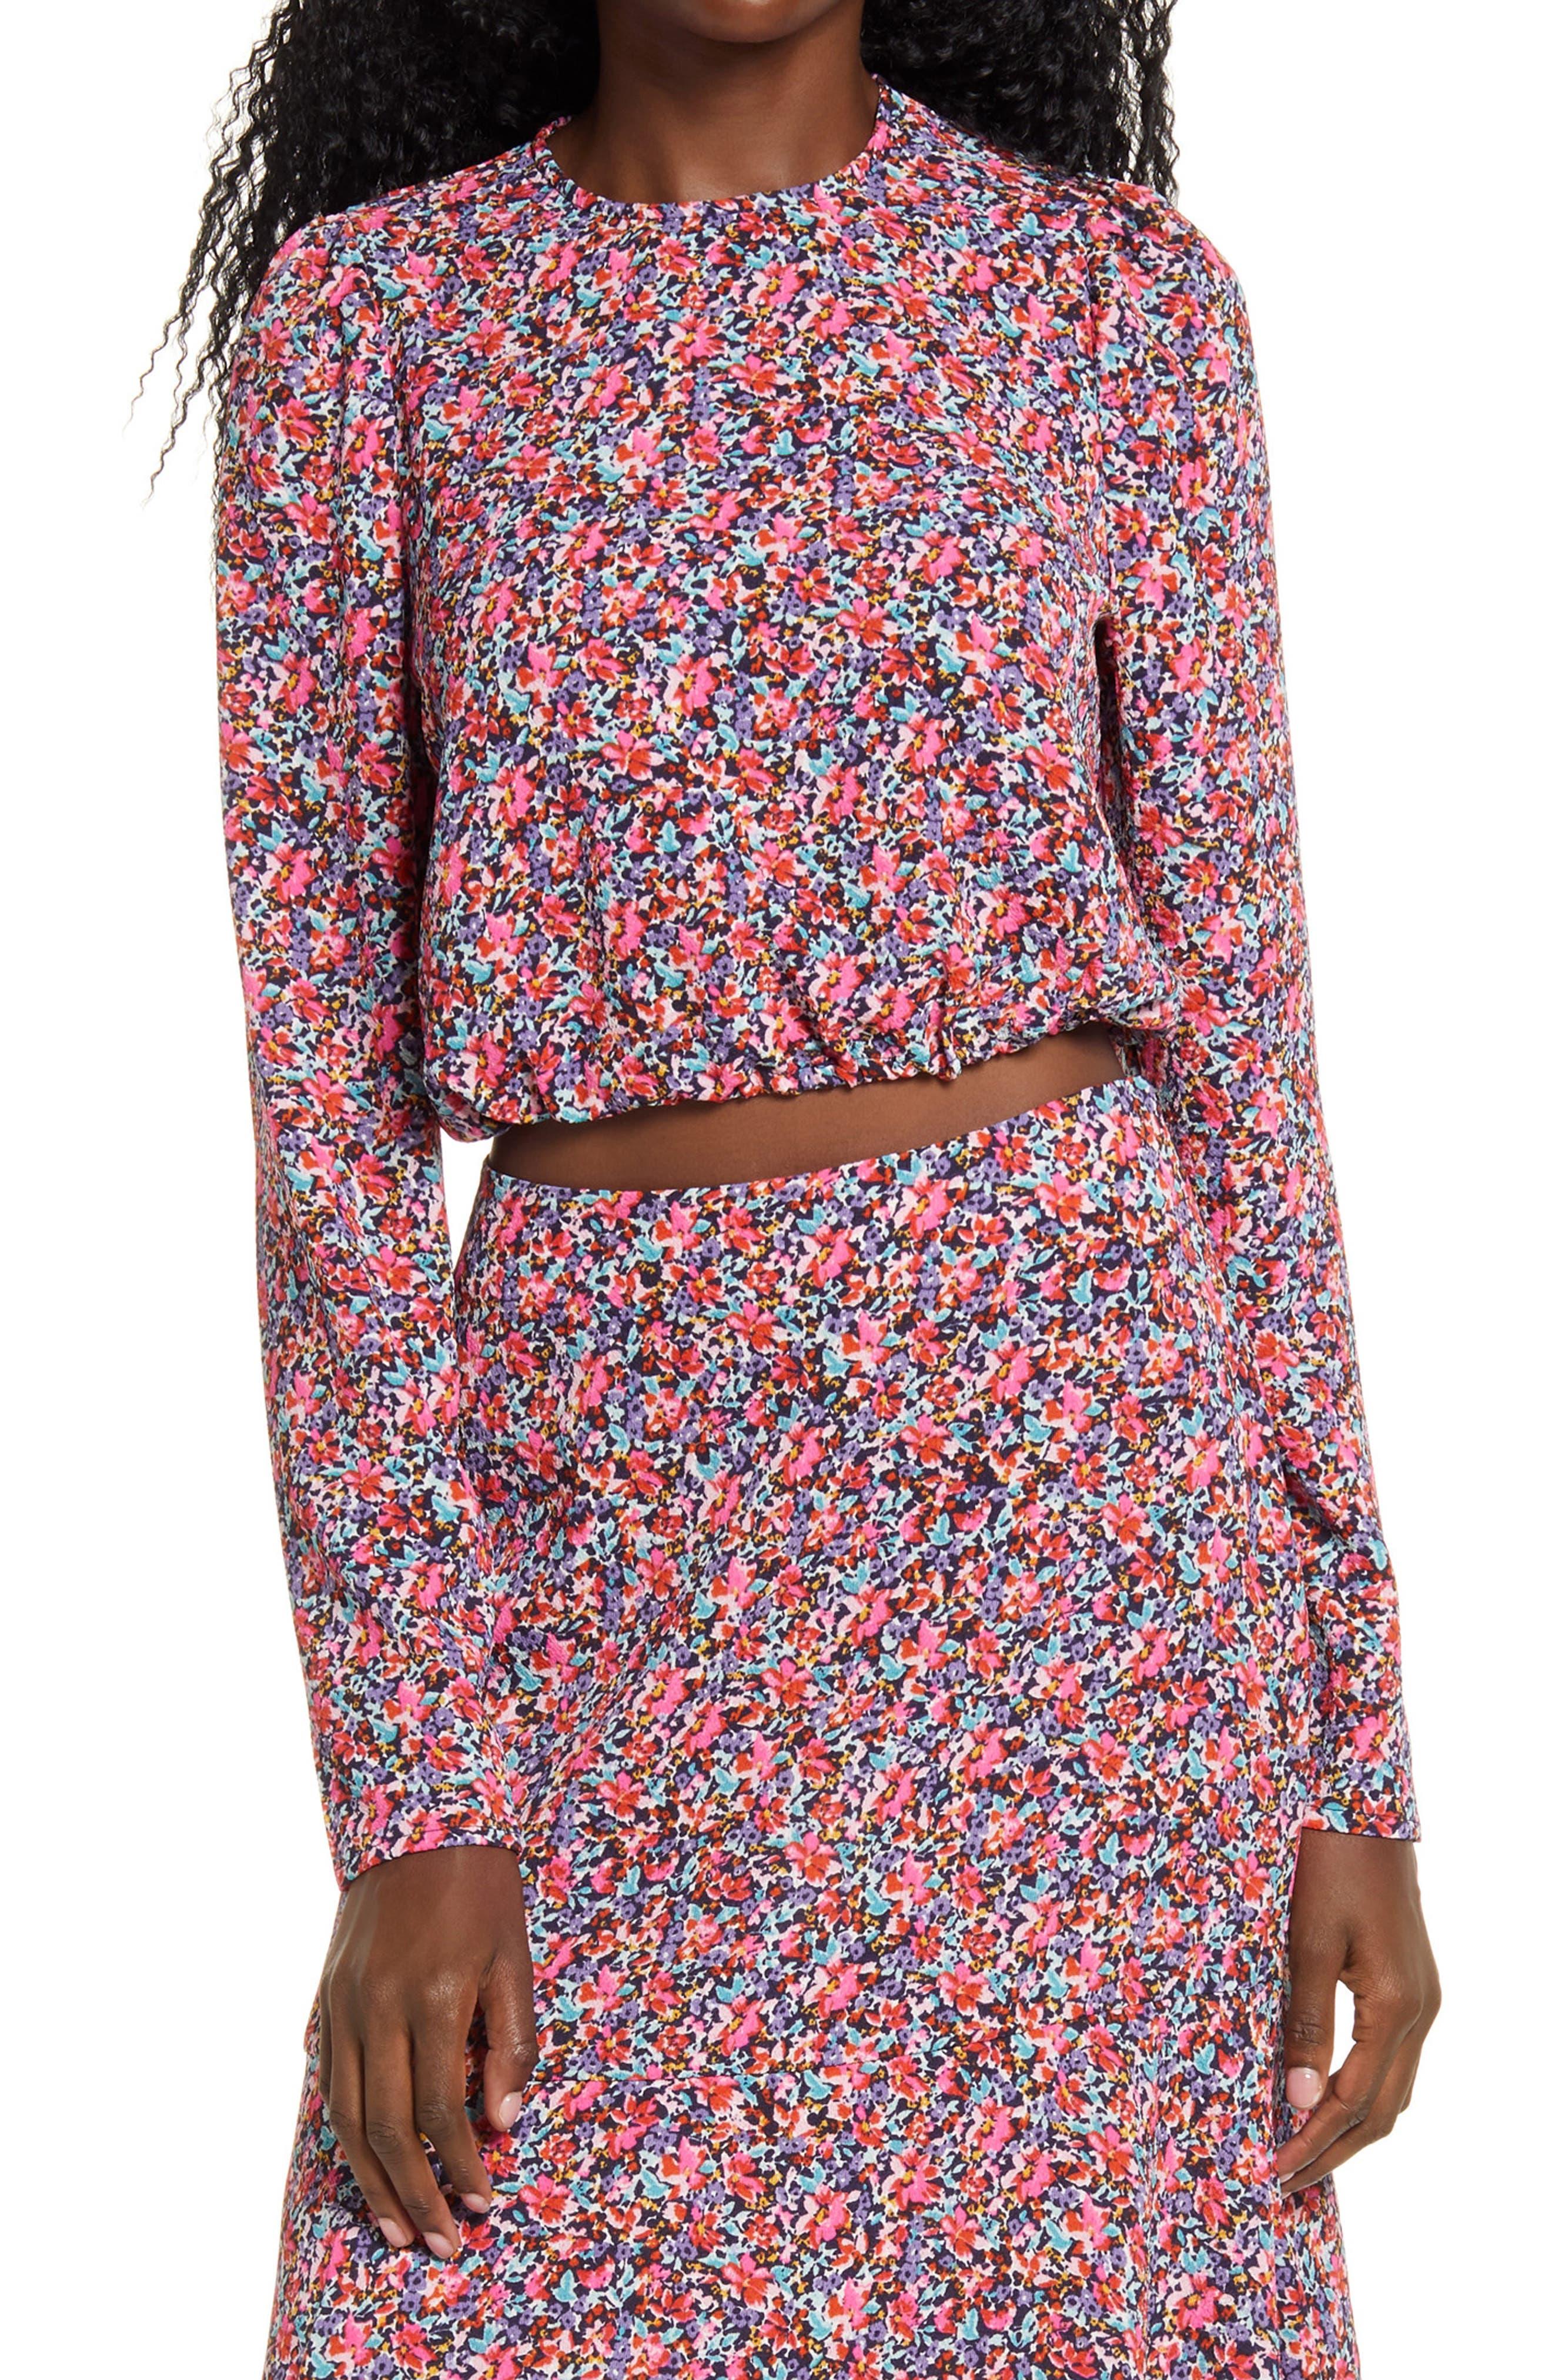 AFRM Reca Floral Tie Back Top | Nordstrom